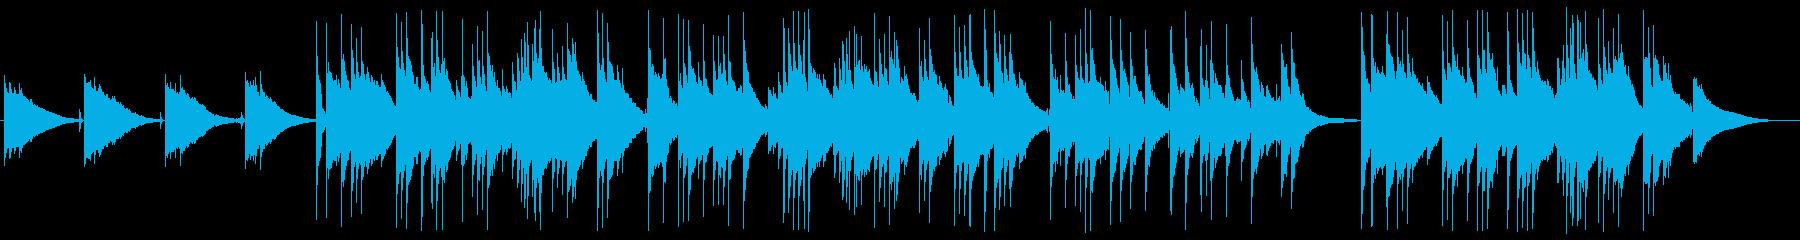 一日の終わりを感じる落ち着くアコギソロの再生済みの波形